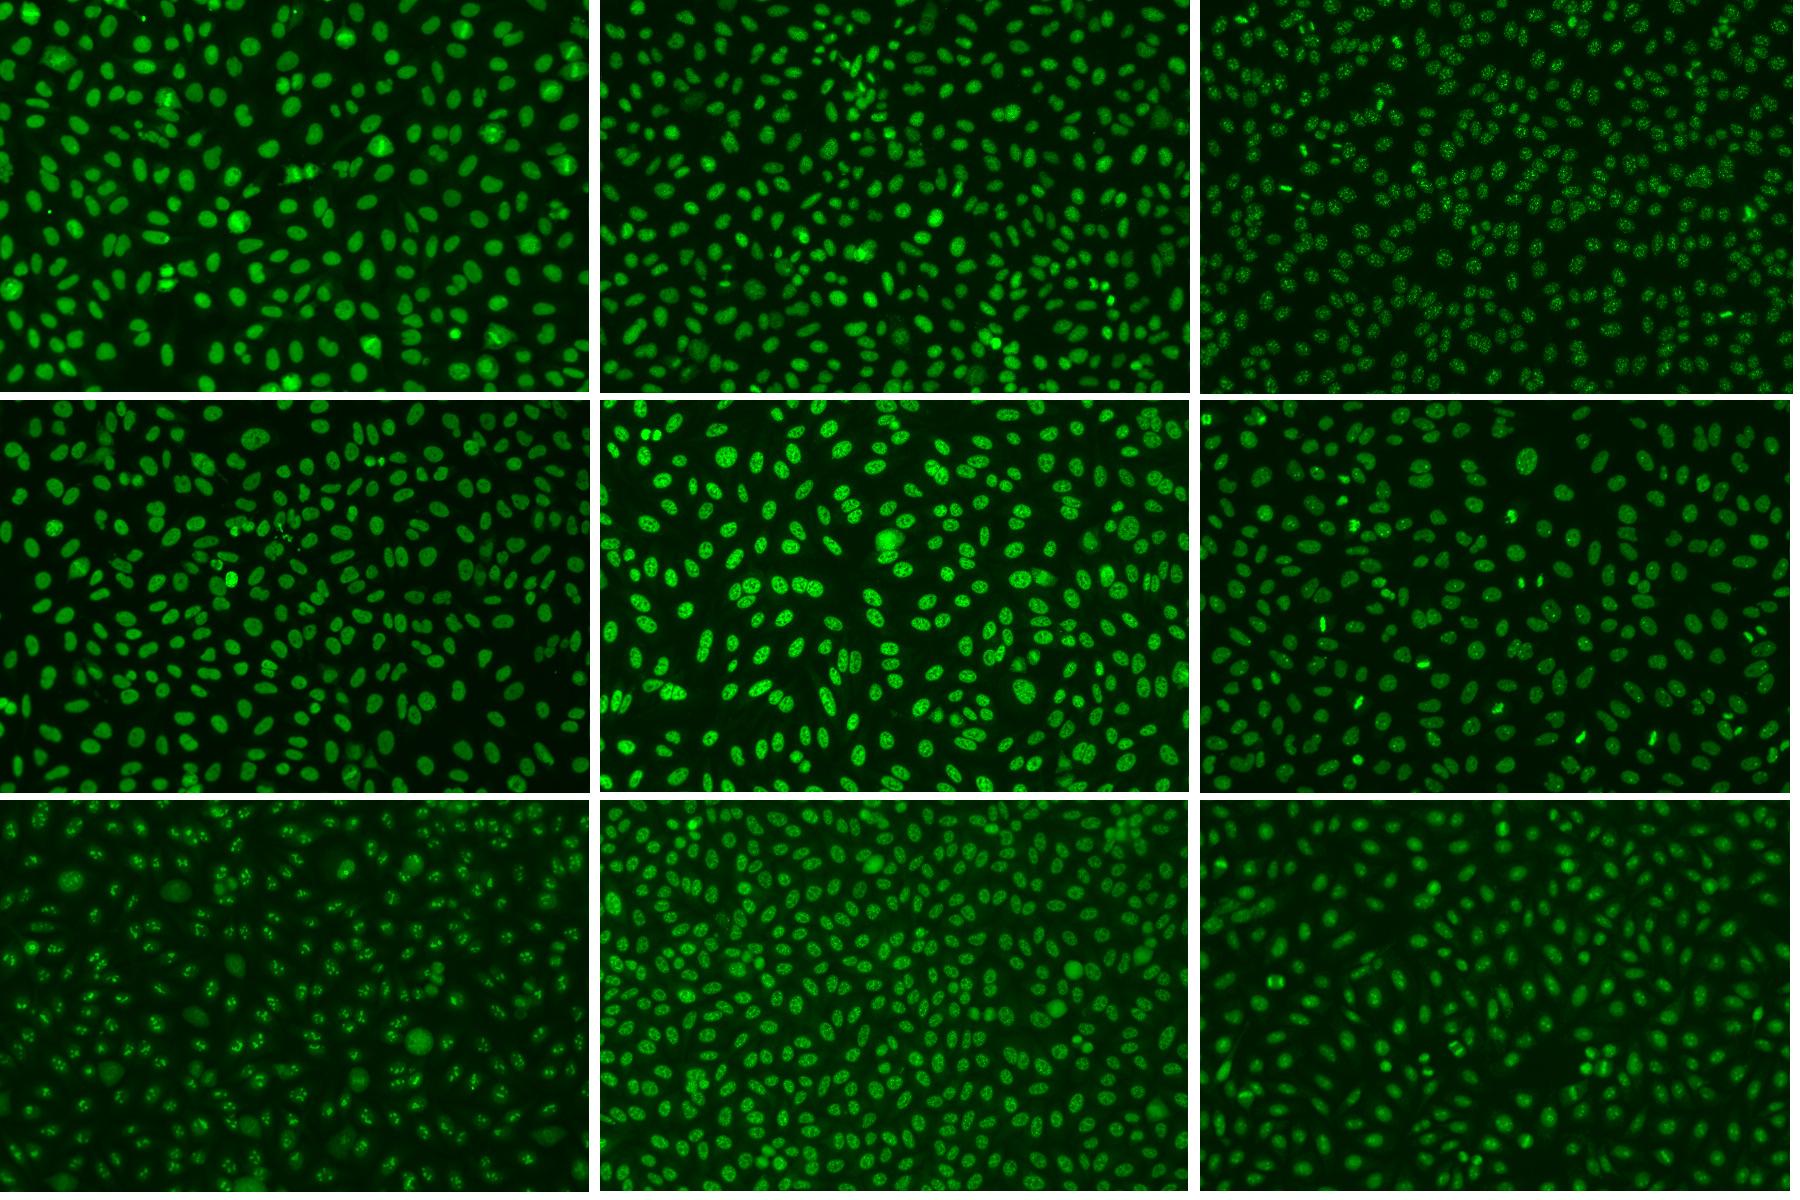 九種免疫螢光抗核抗體